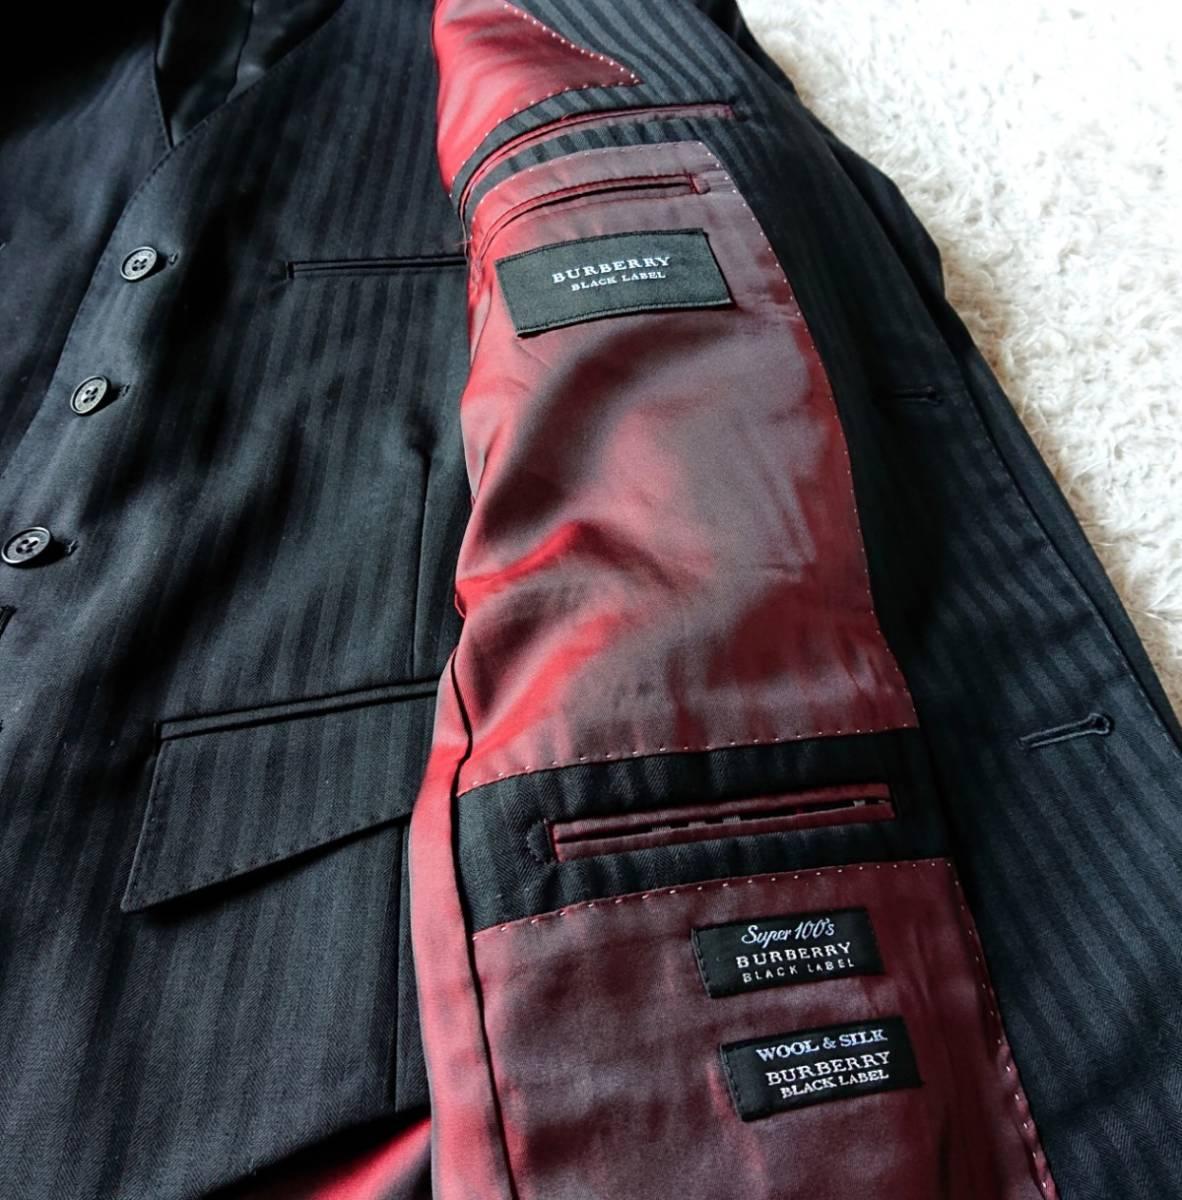 激レア希少 大人気赤 BURBERRY BLACK LABEL ★ シルク混 スリーピース バーバリー ブラック レーベル スーツ セットアップ メンズ ブラック_画像9